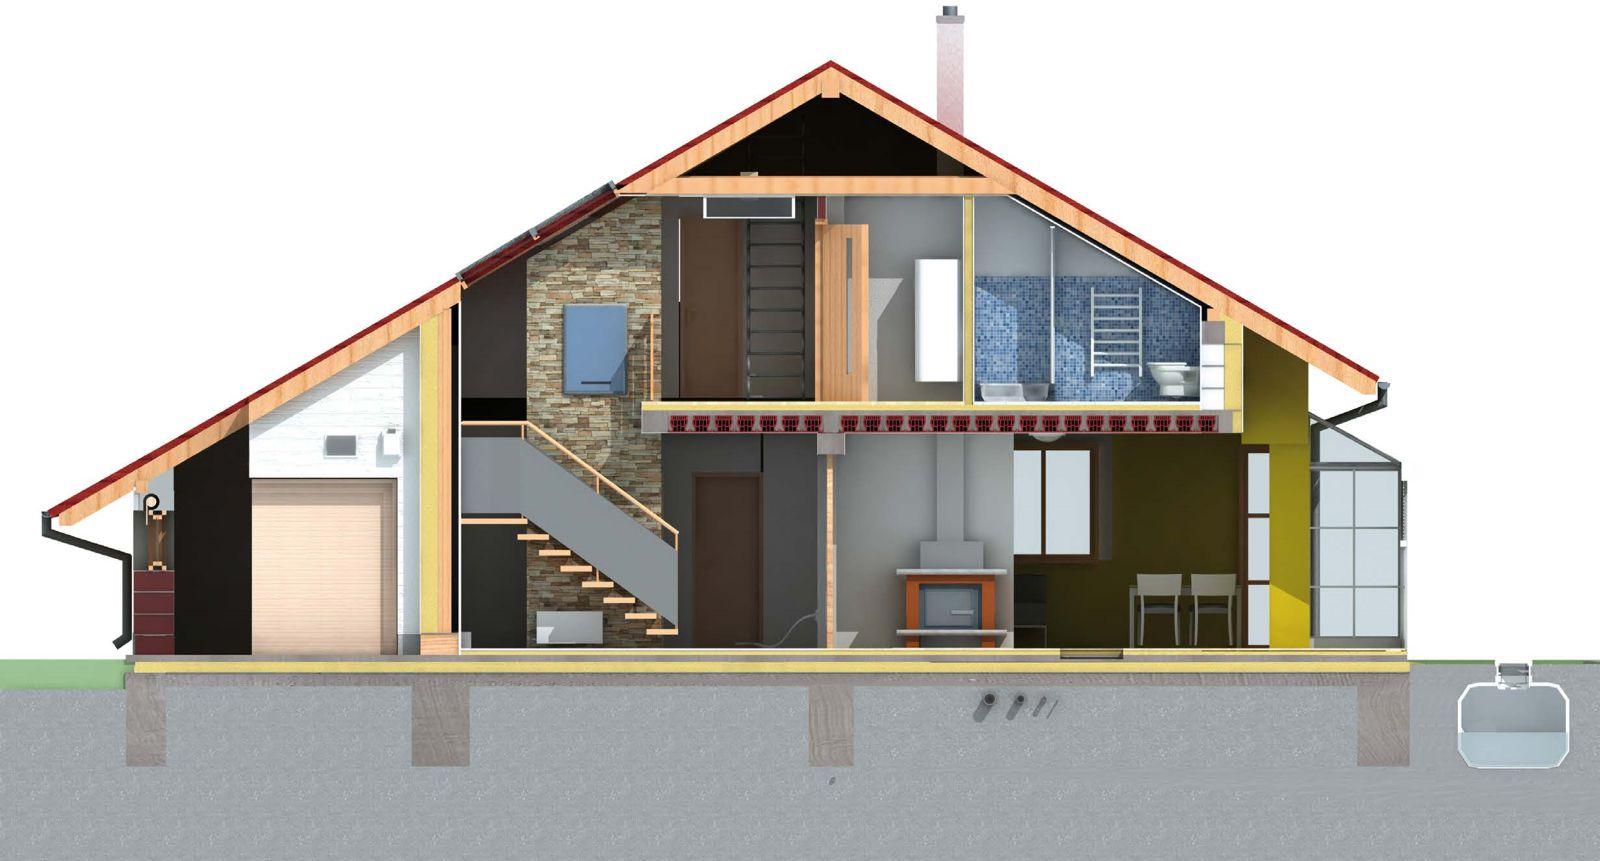 proiectare casa cu mansarda - sectiune